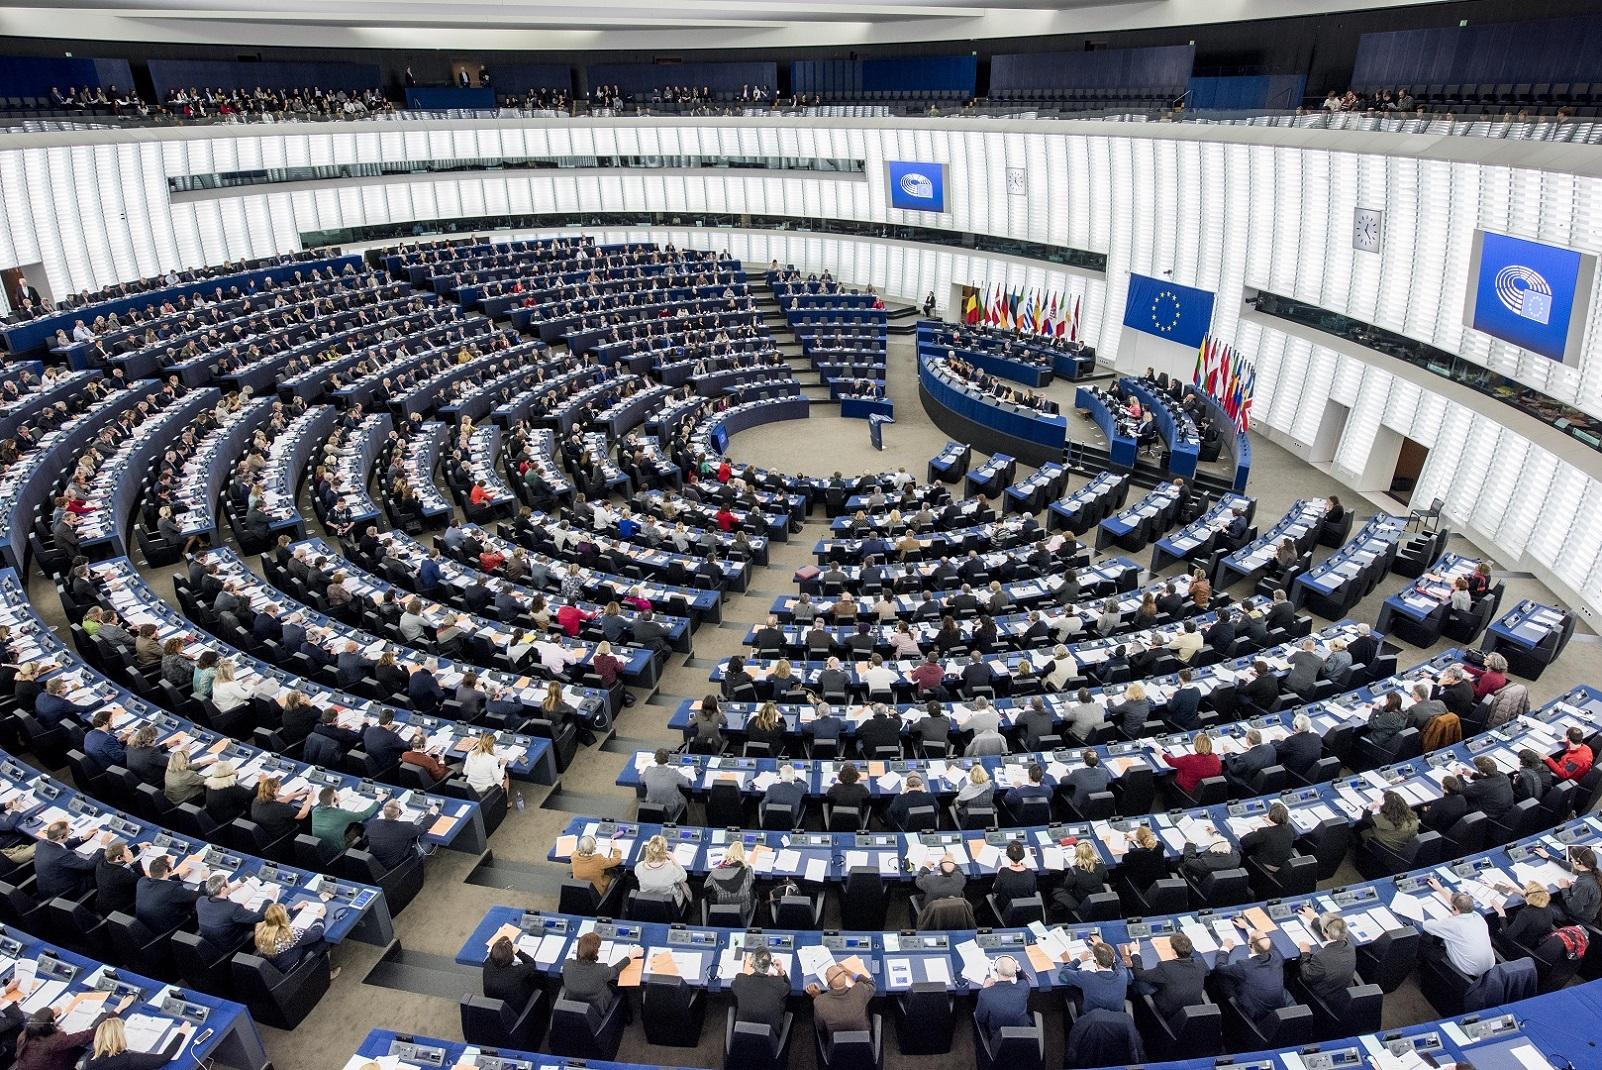 Deklaracija poslanika Evropskog parlamenta: Izmeniti crnogorski Zakon o slobodi veroispovesti